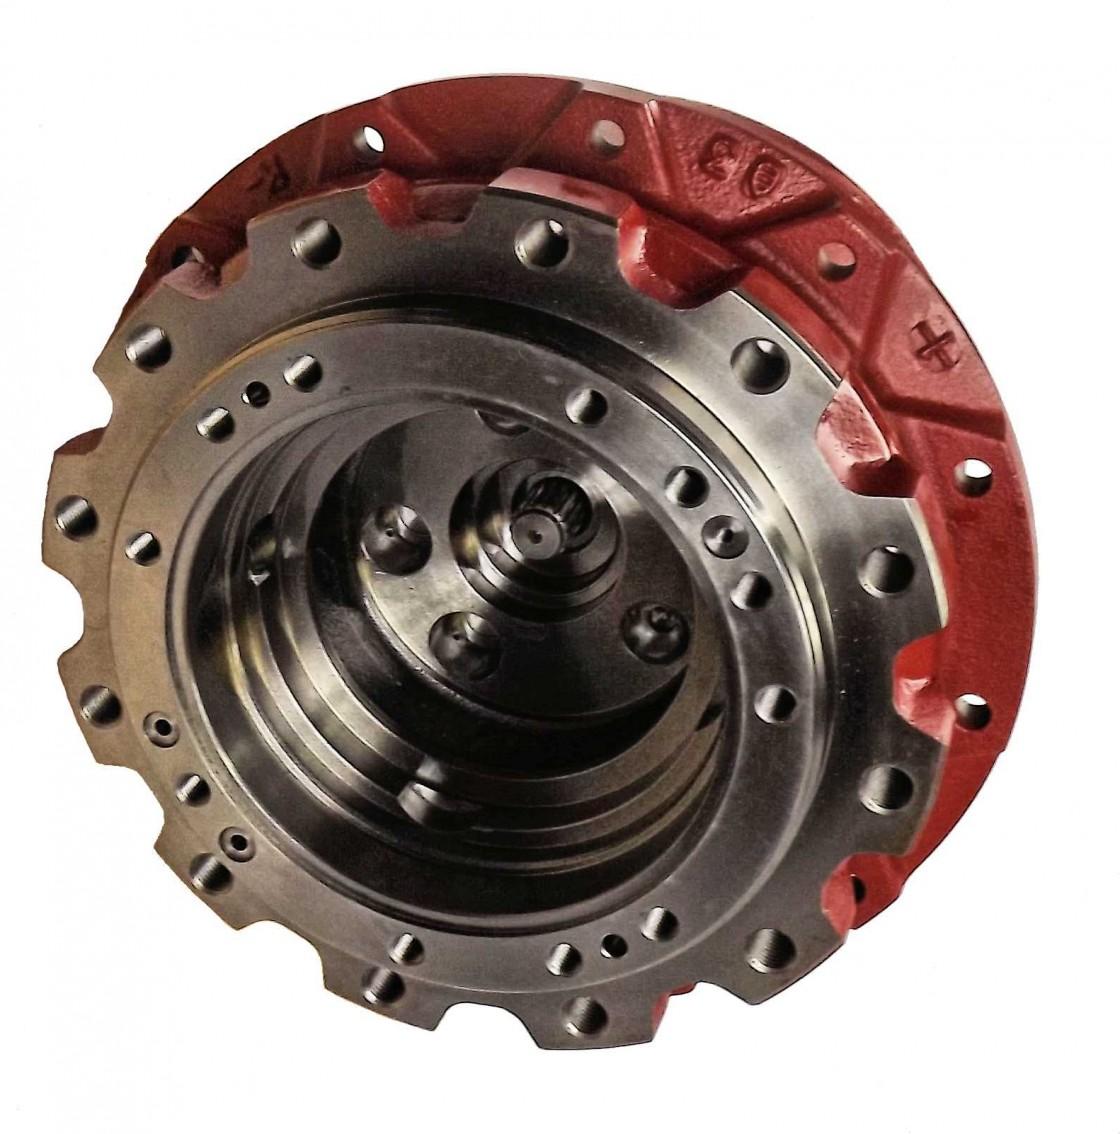 Kubota KX91-3 Hydraulic Final Drive Motor